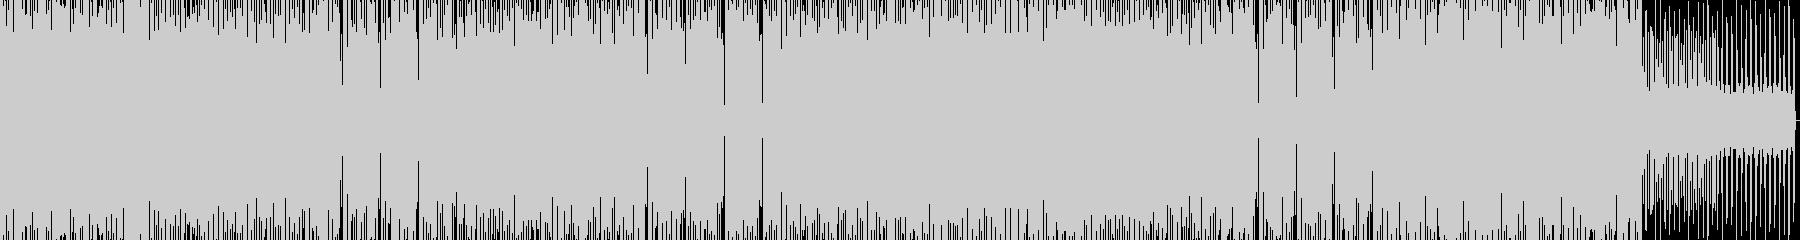 ラテンフレーバーのエレクトロシーケンスの未再生の波形